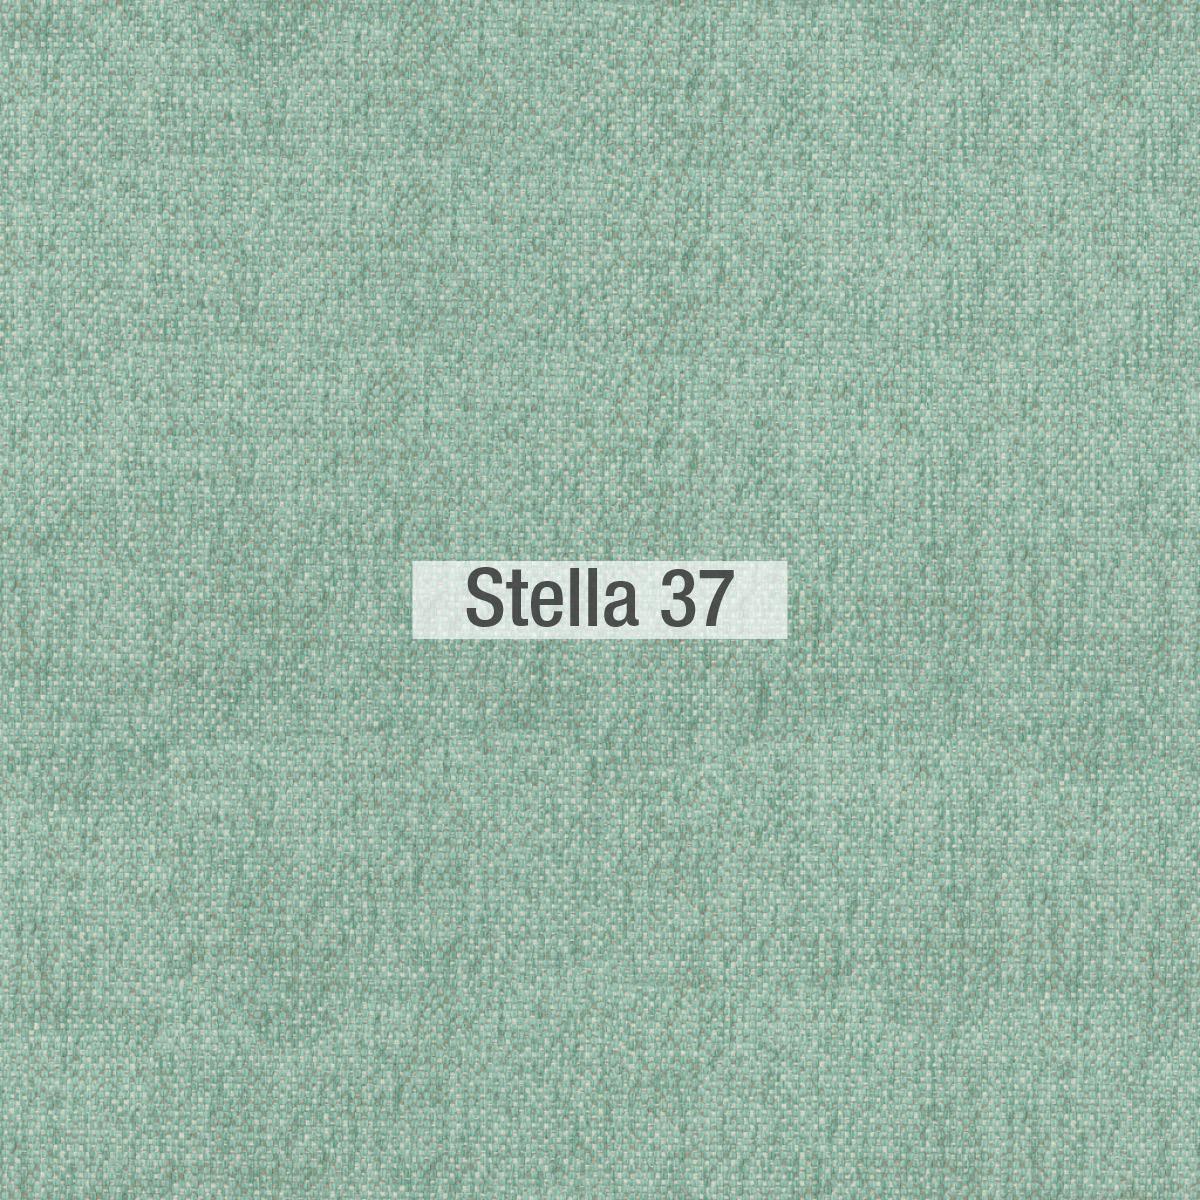 Colores Stella-Dots tela Fama 2020 05